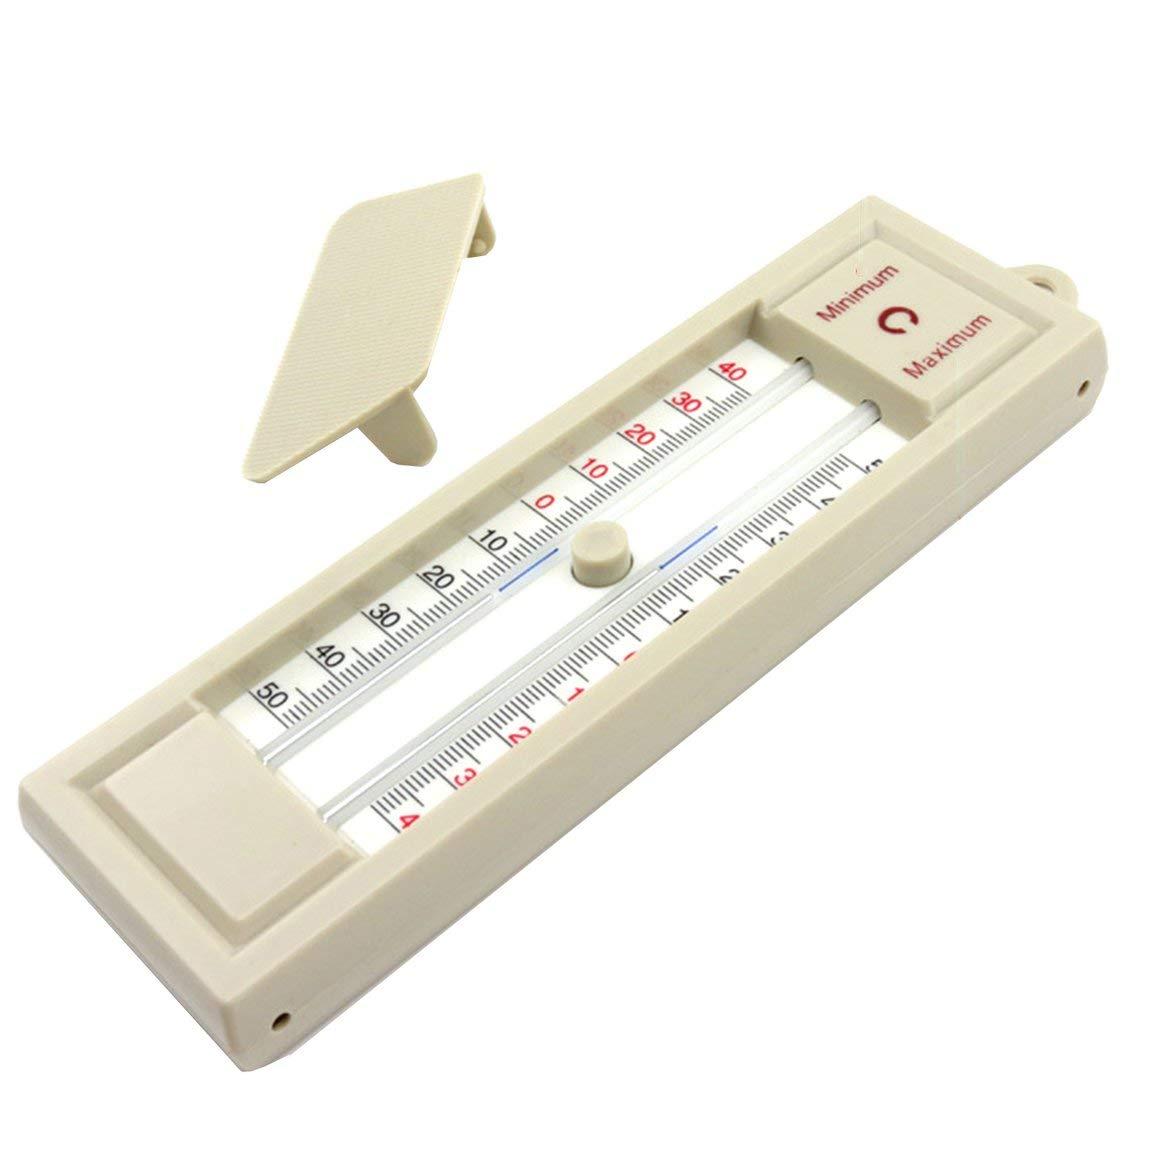 Vinkent Termometro di Massima e Minima Monitor per la Temperatura della Parete della Serra del Giardino Esterno Interno Termometro da 40 a 50 Gradi